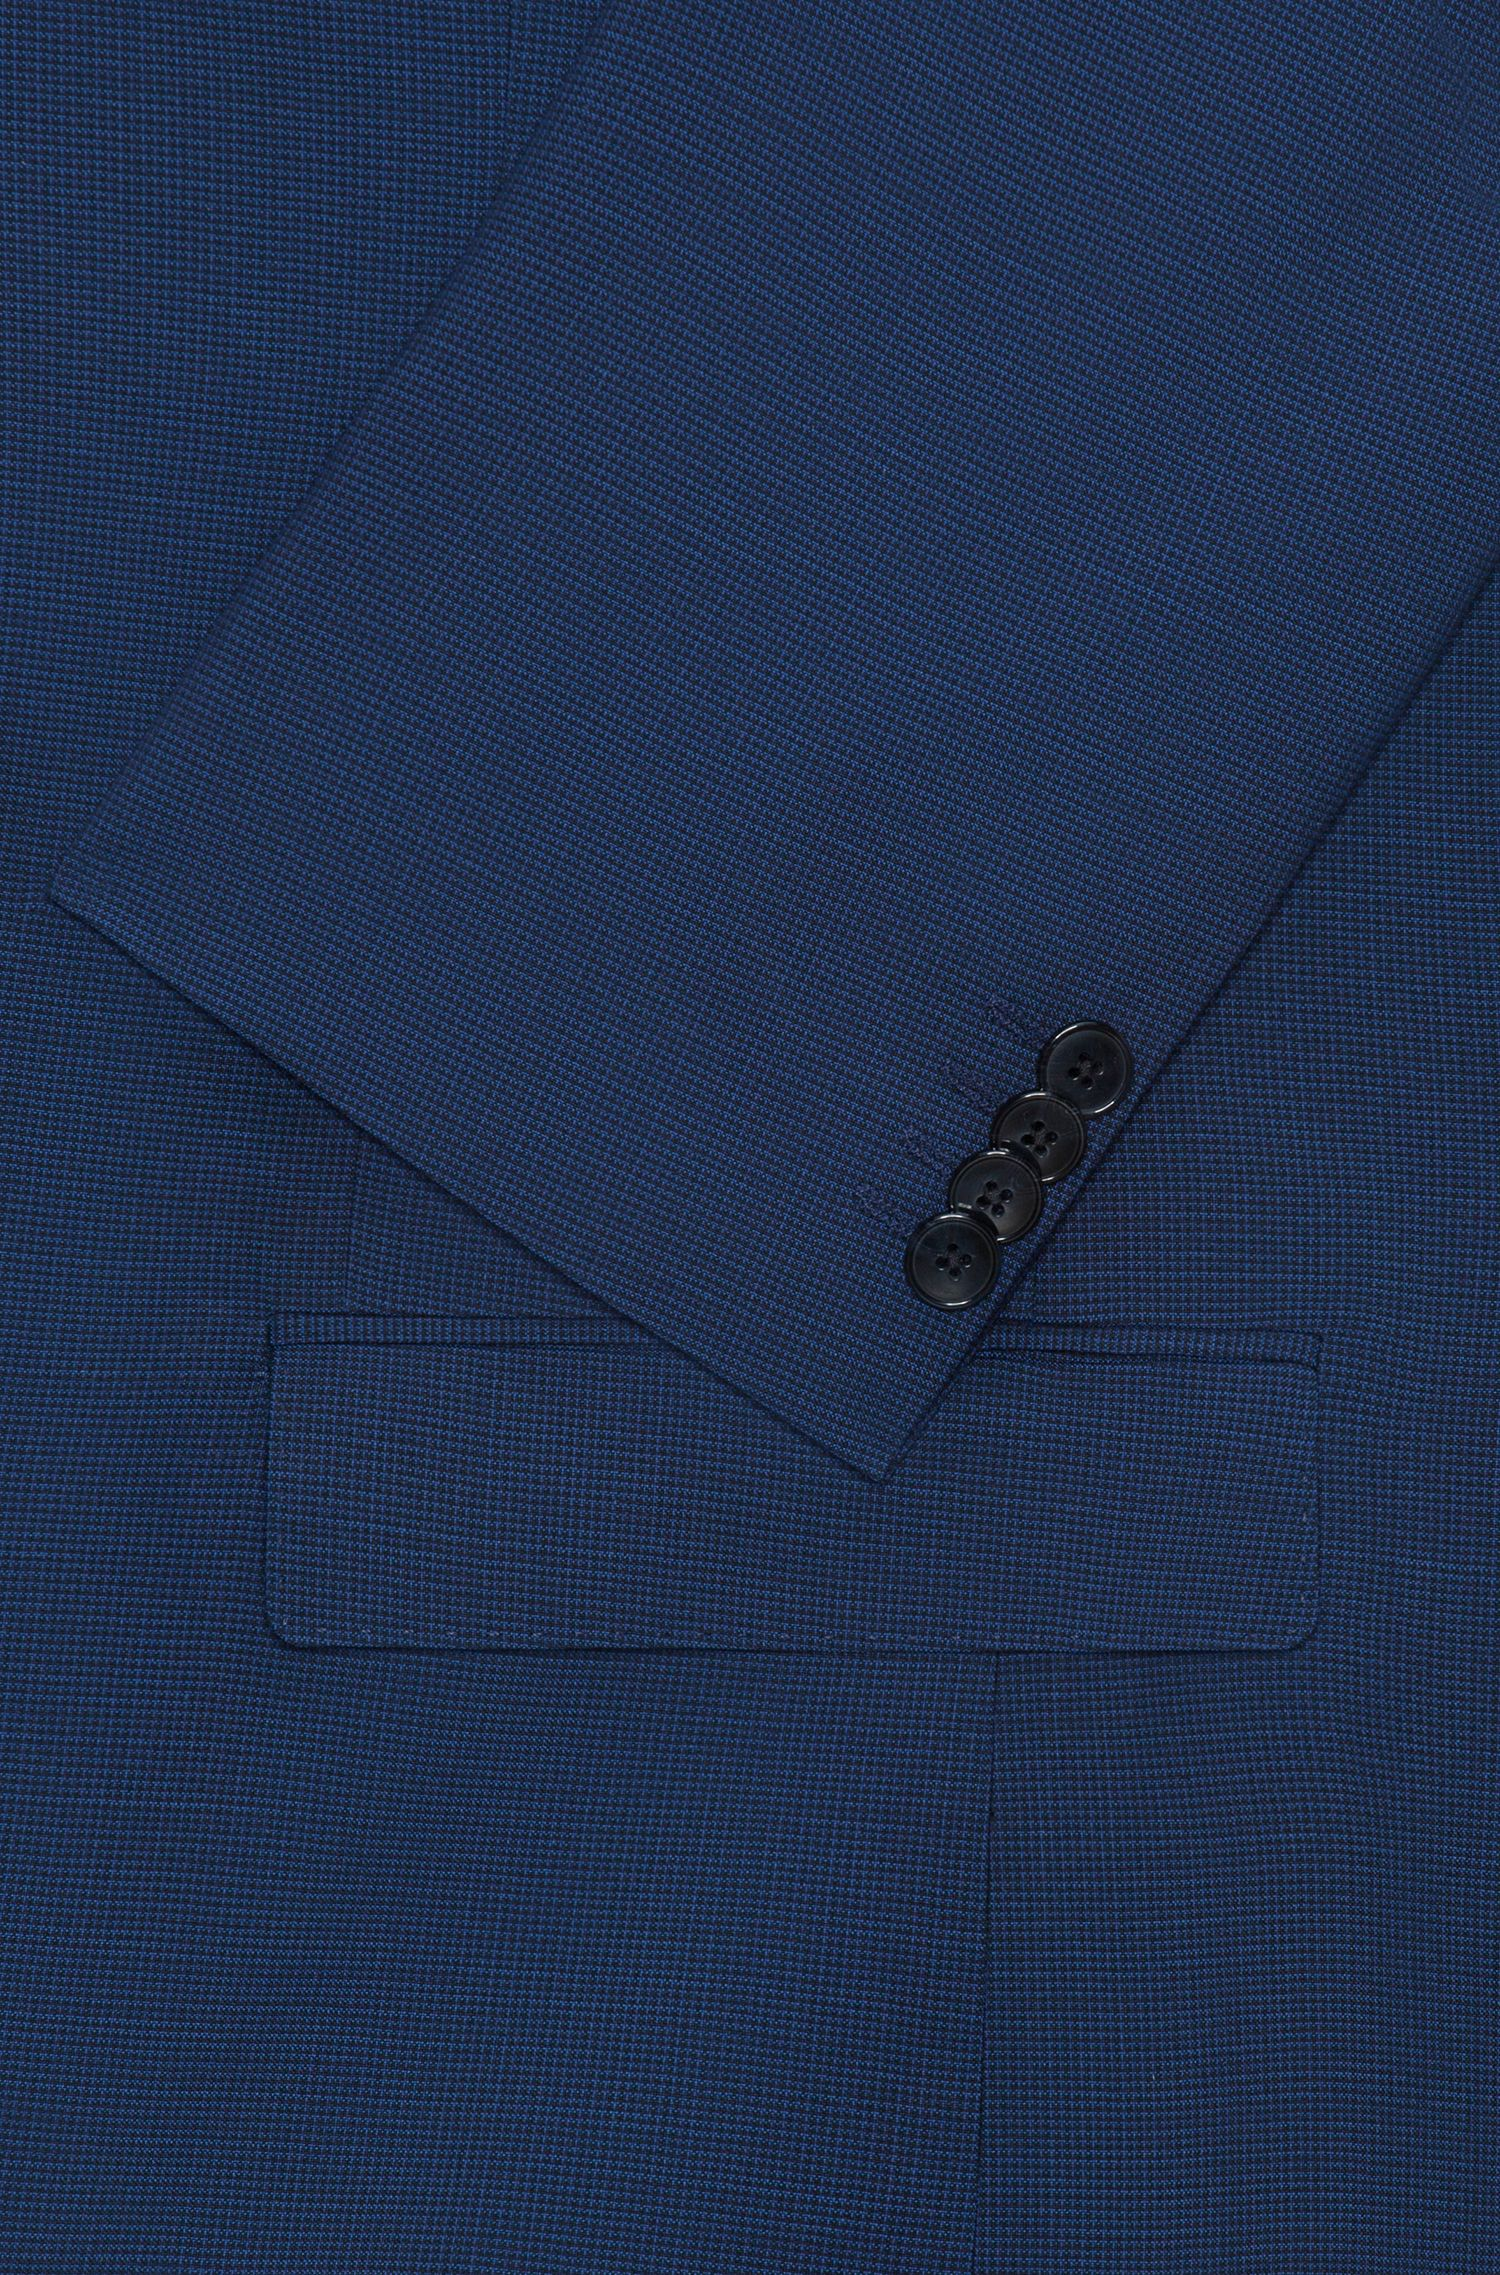 Traje slim fit en lana virgen con estampado de microcuadros